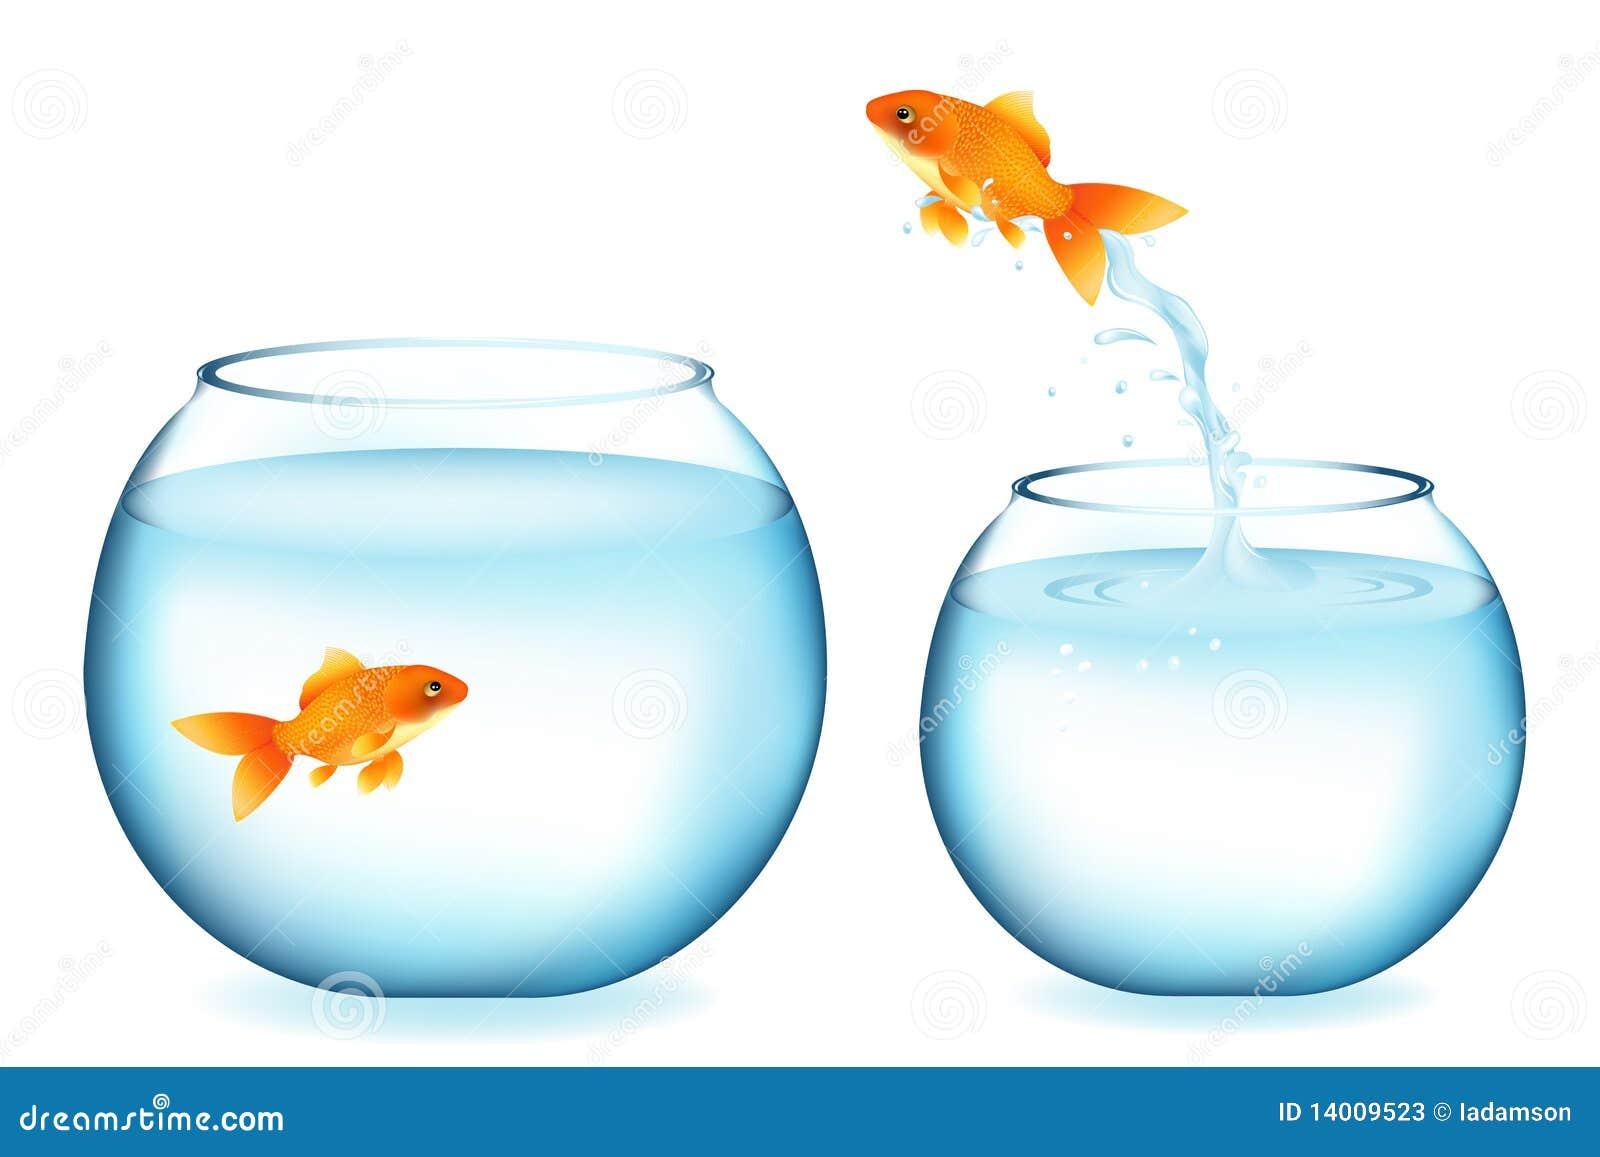 跳其他的金鱼导航